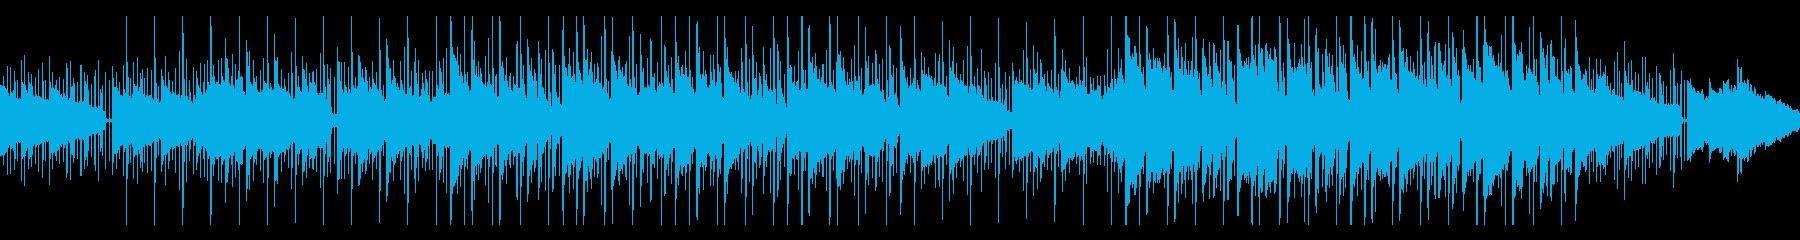 大人っぽいムードのお洒落でスローなBGMの再生済みの波形